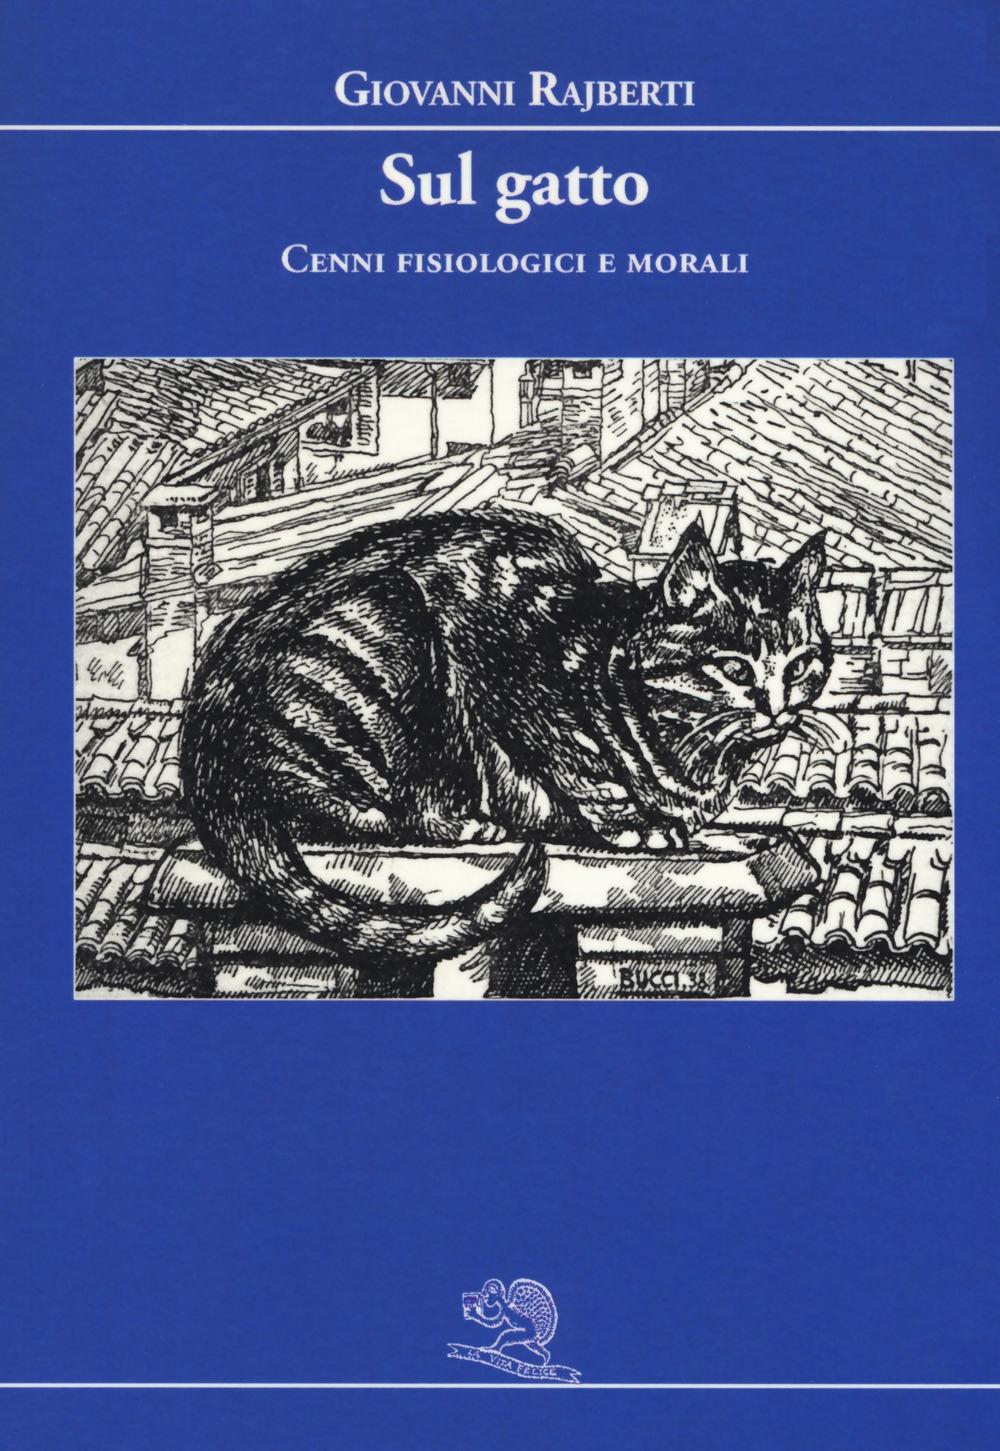 Sul gatto. Cenni fisiologici e morali